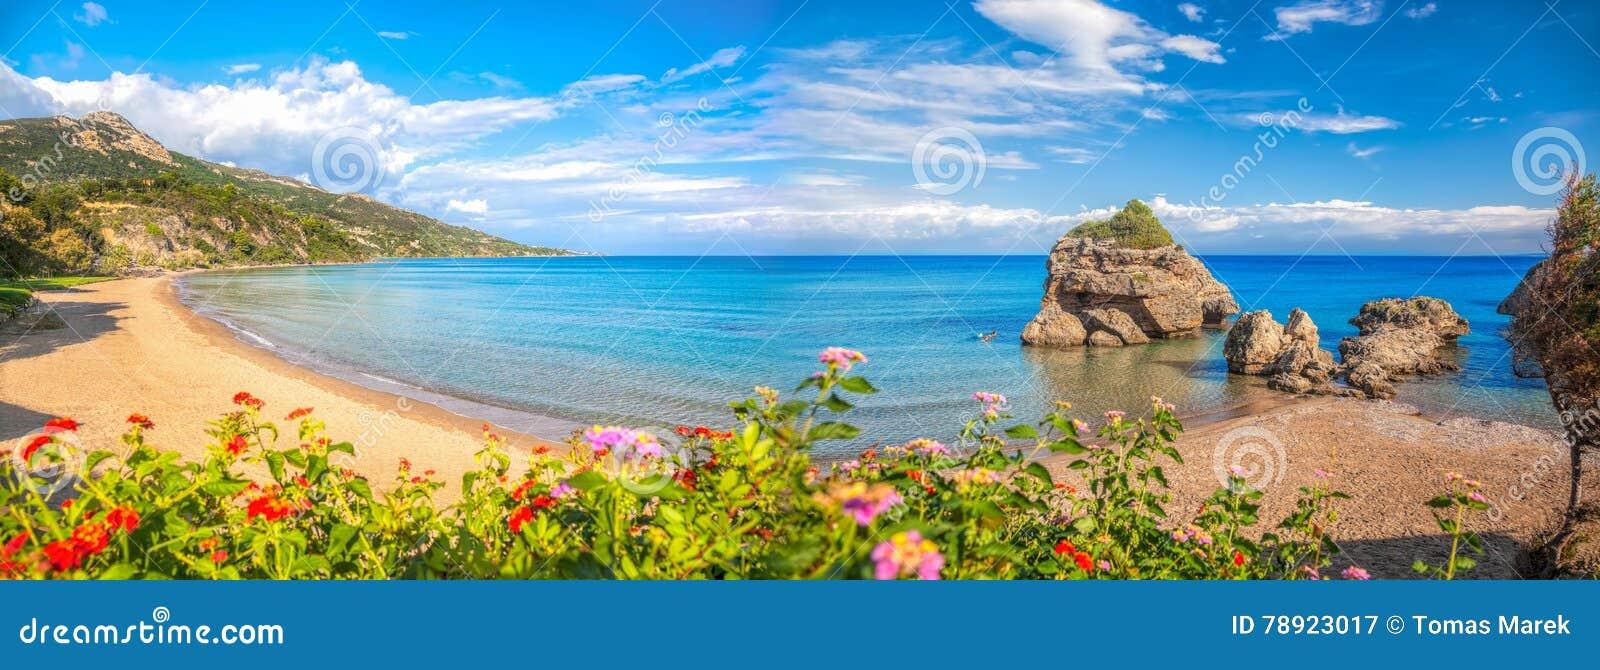 Panorama della spiaggia di Oporto Zorro contro i fiori variopinti sull isola di Zacinto, Grecia